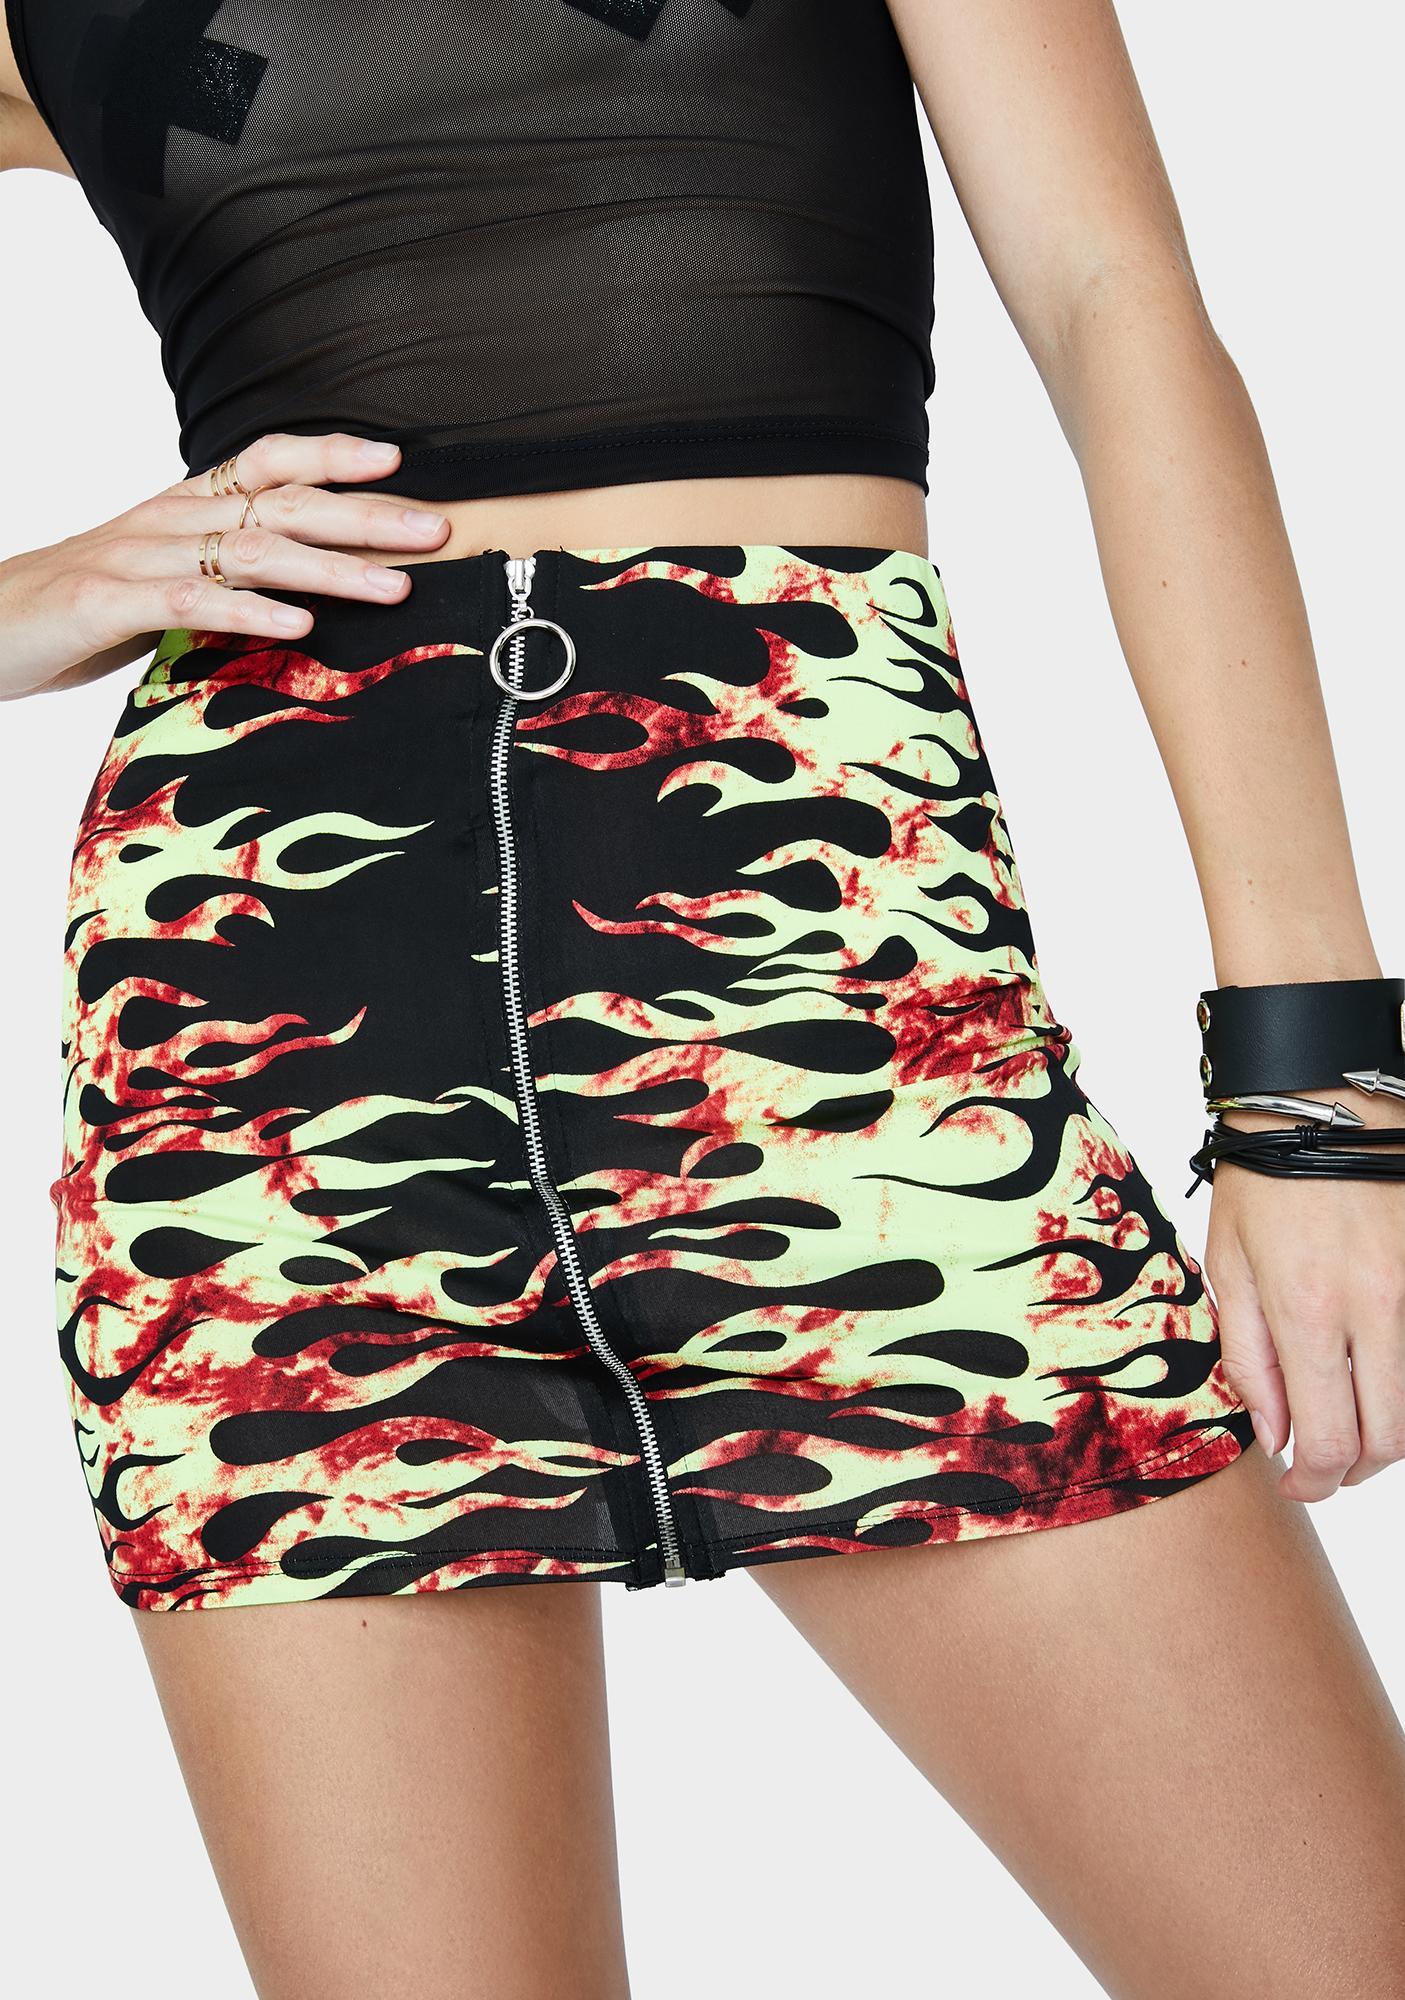 Flaming Rave Jungle Mini Skirt